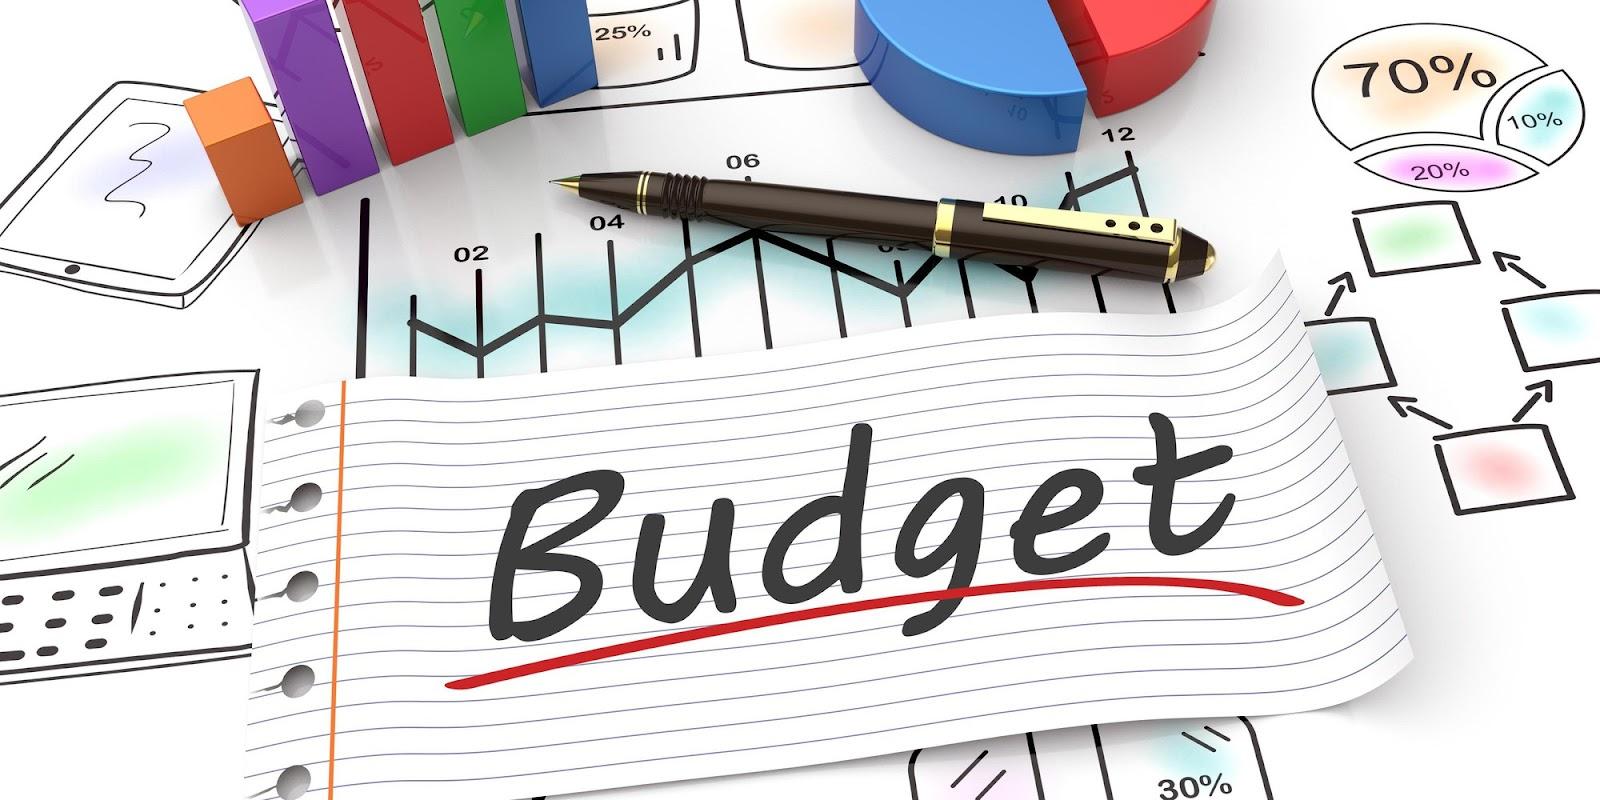 Xác định ngân sách khi có ý định sửa chữa nhà tại Gò Vấp